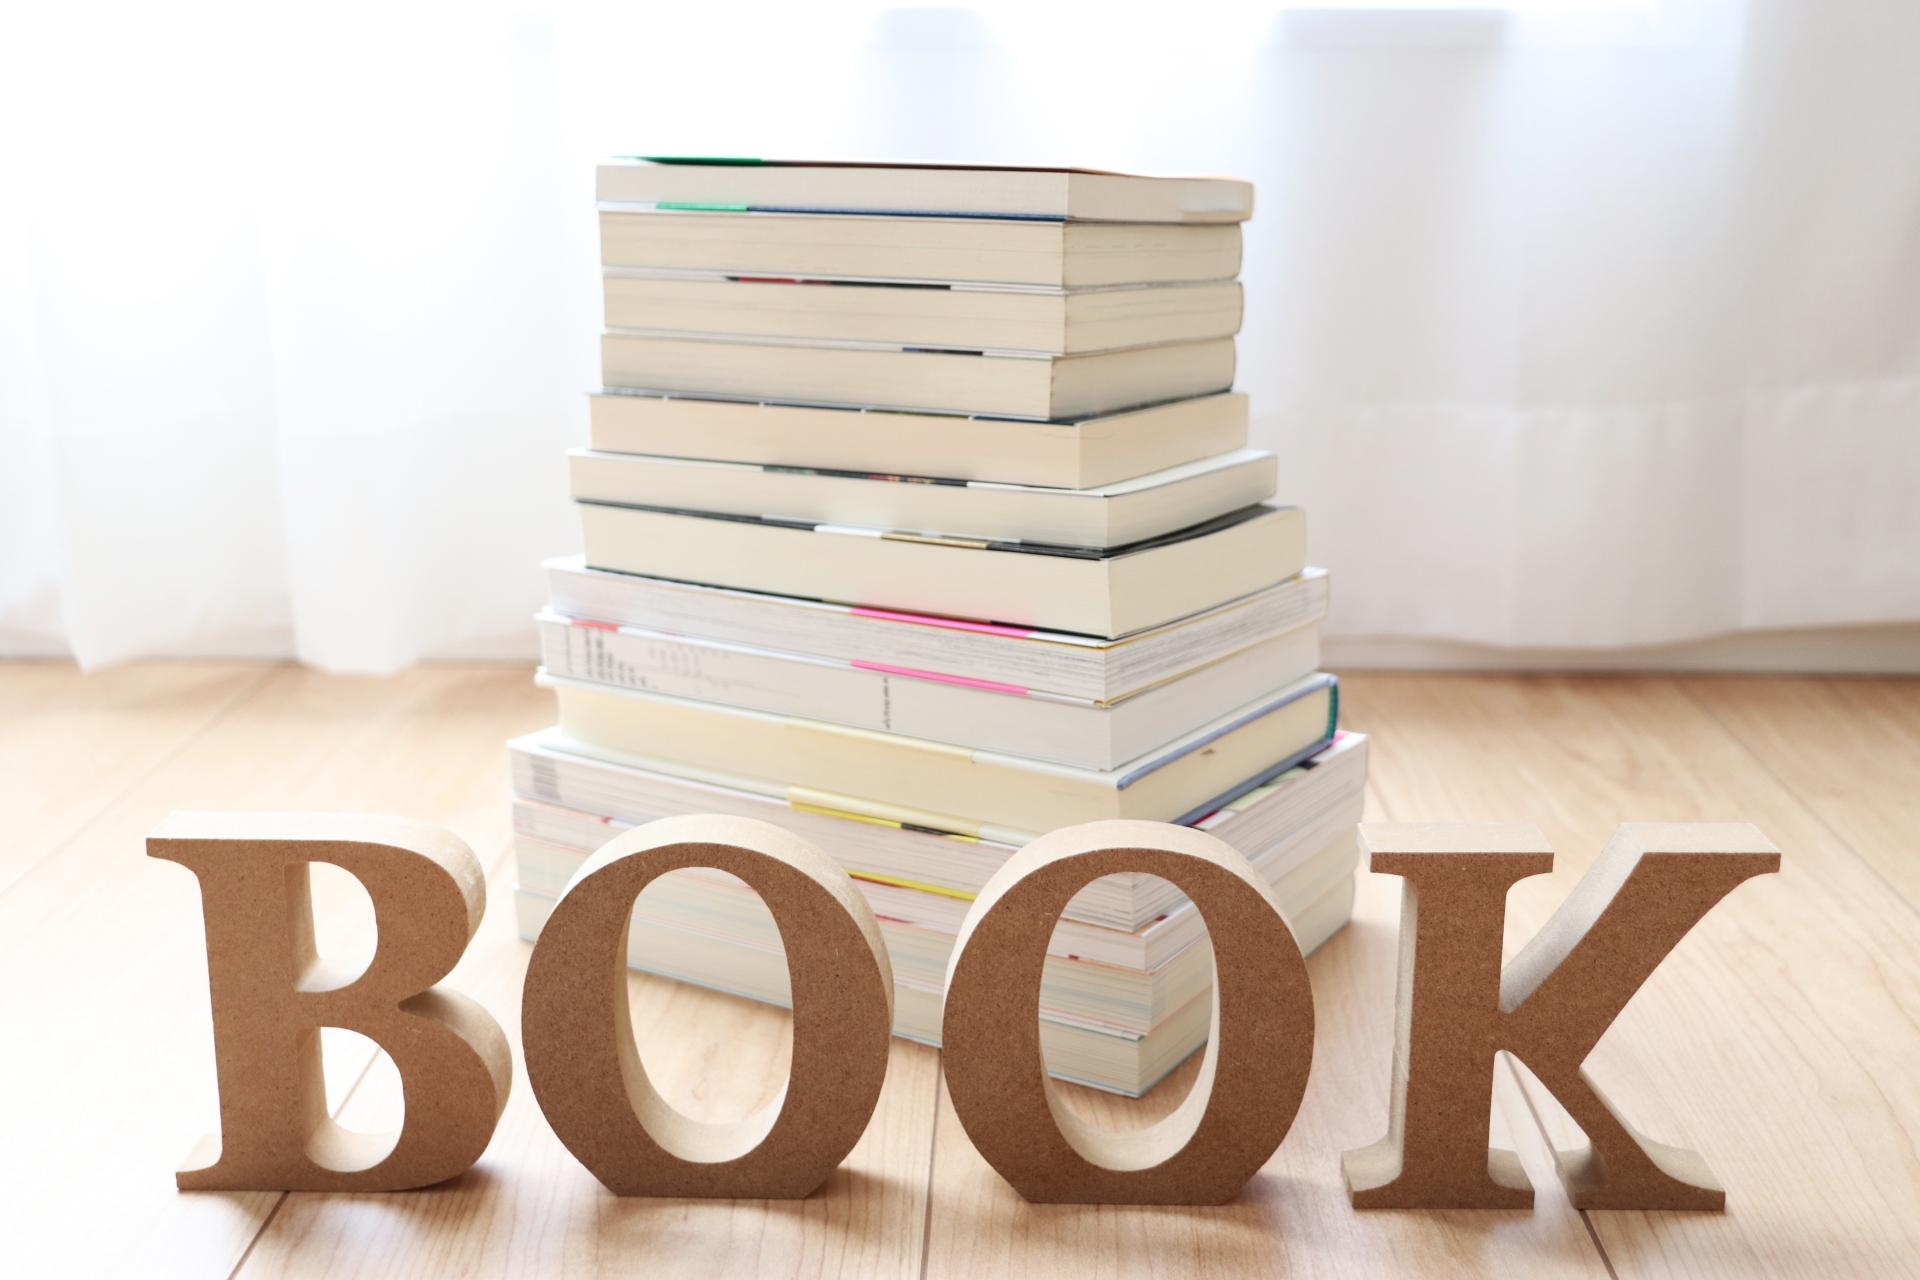 男性は本の片付けが苦手?いらない理由を探して自分で決断する。